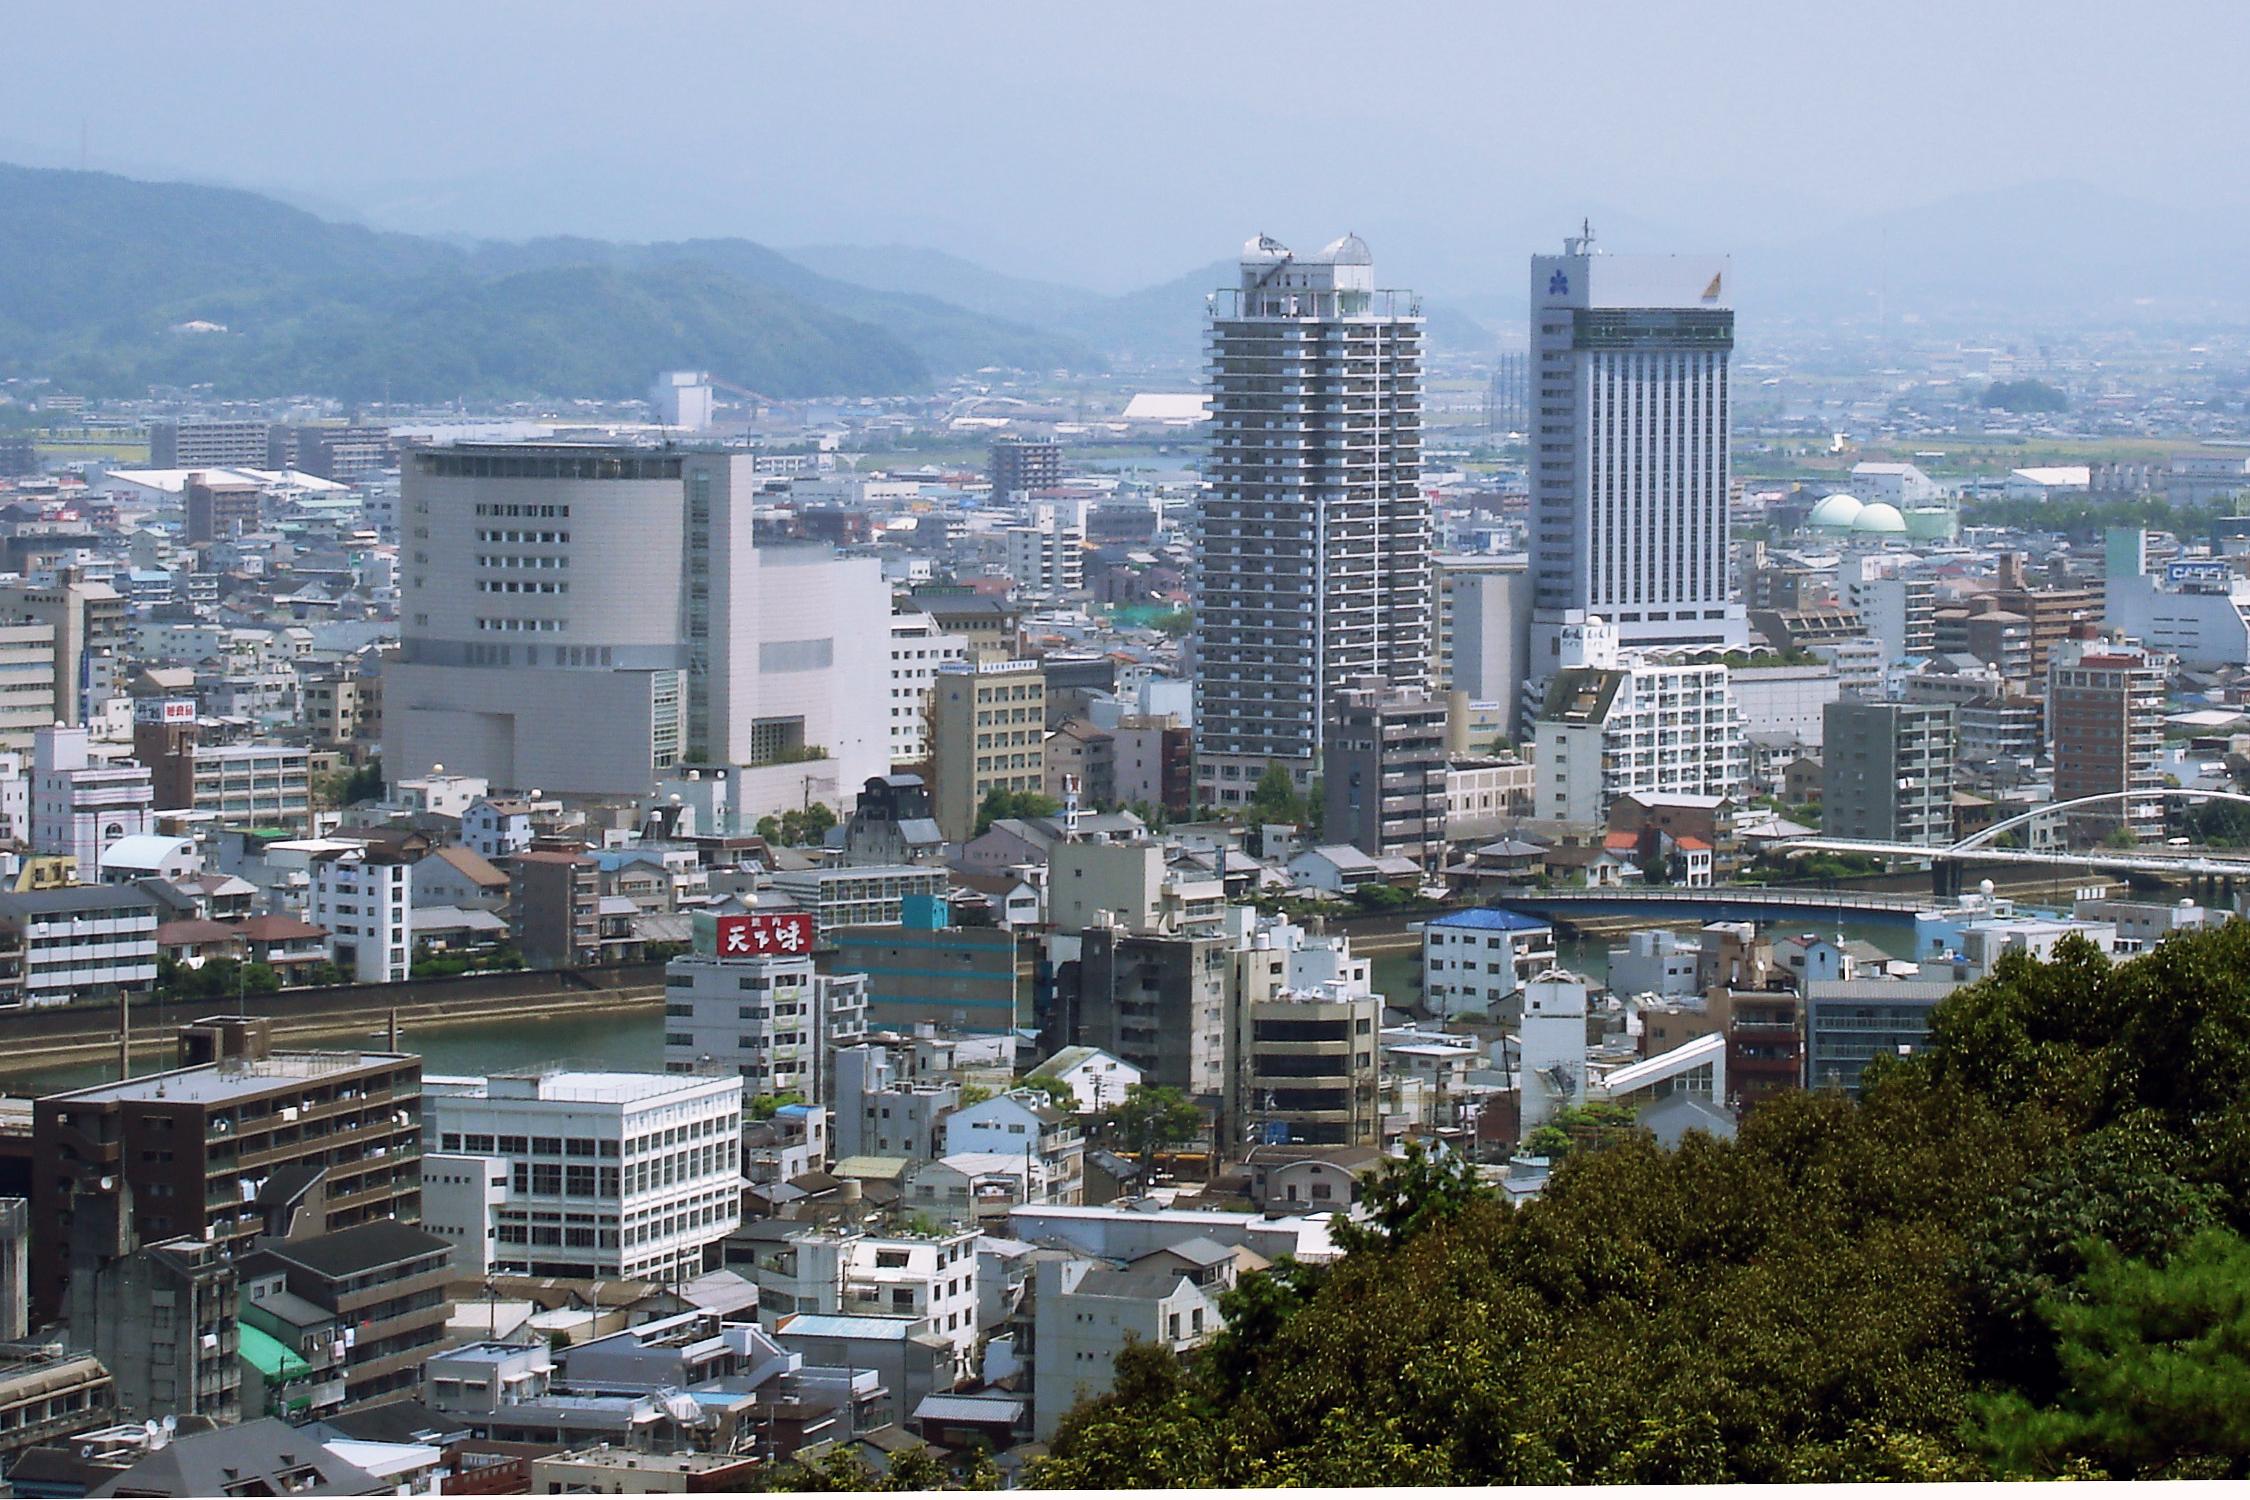 <b>高知市</b> - Wikipedia